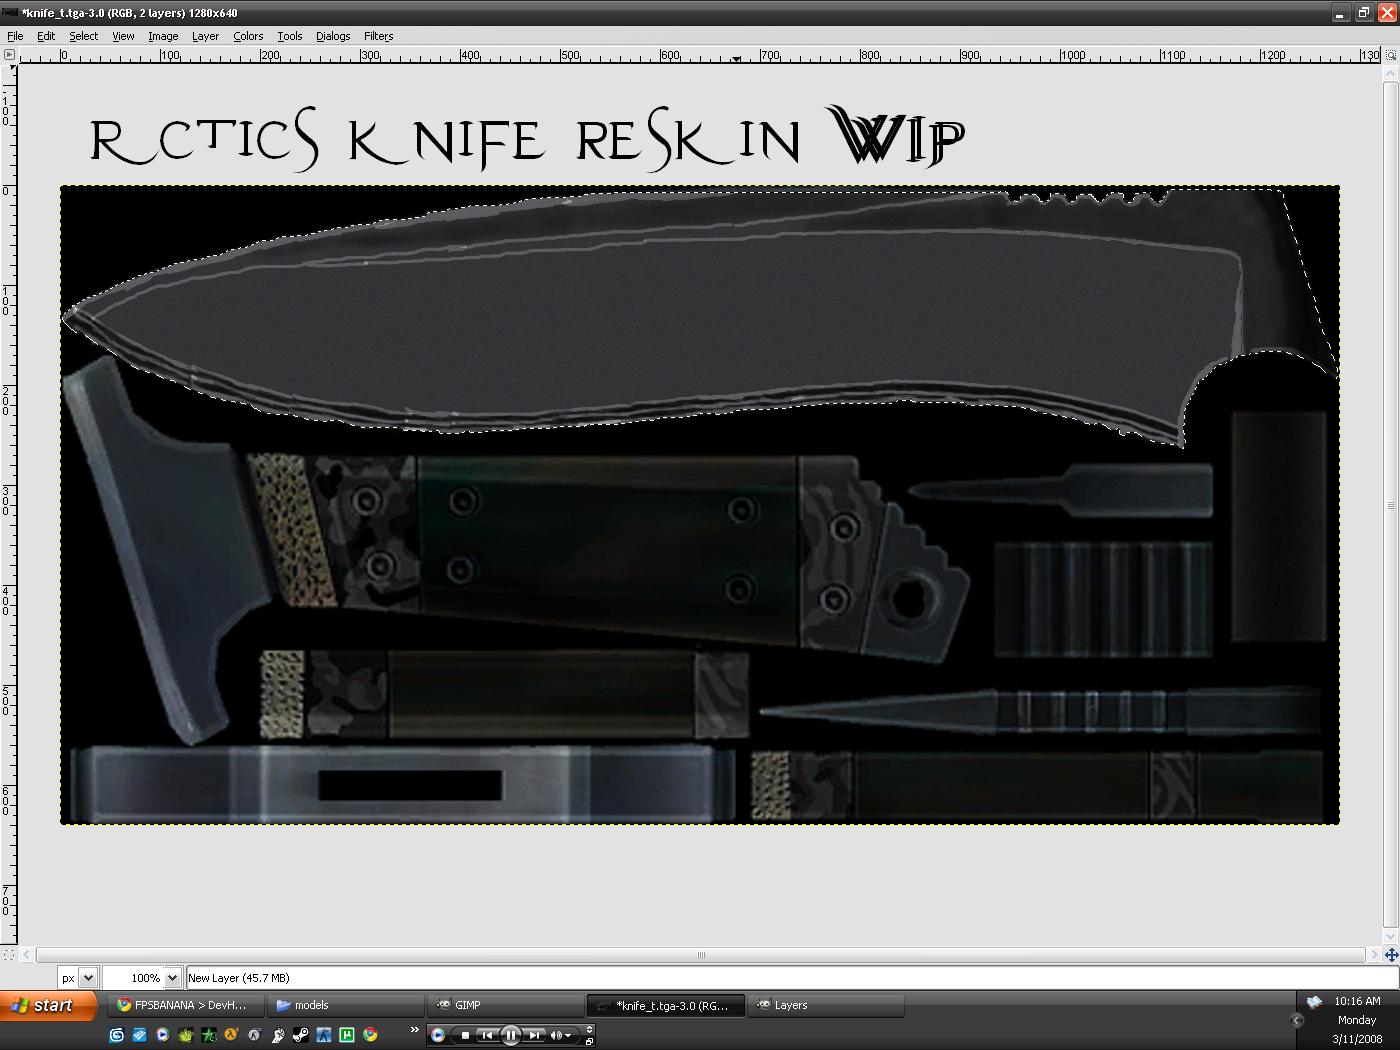 Rctic's reskinned knife